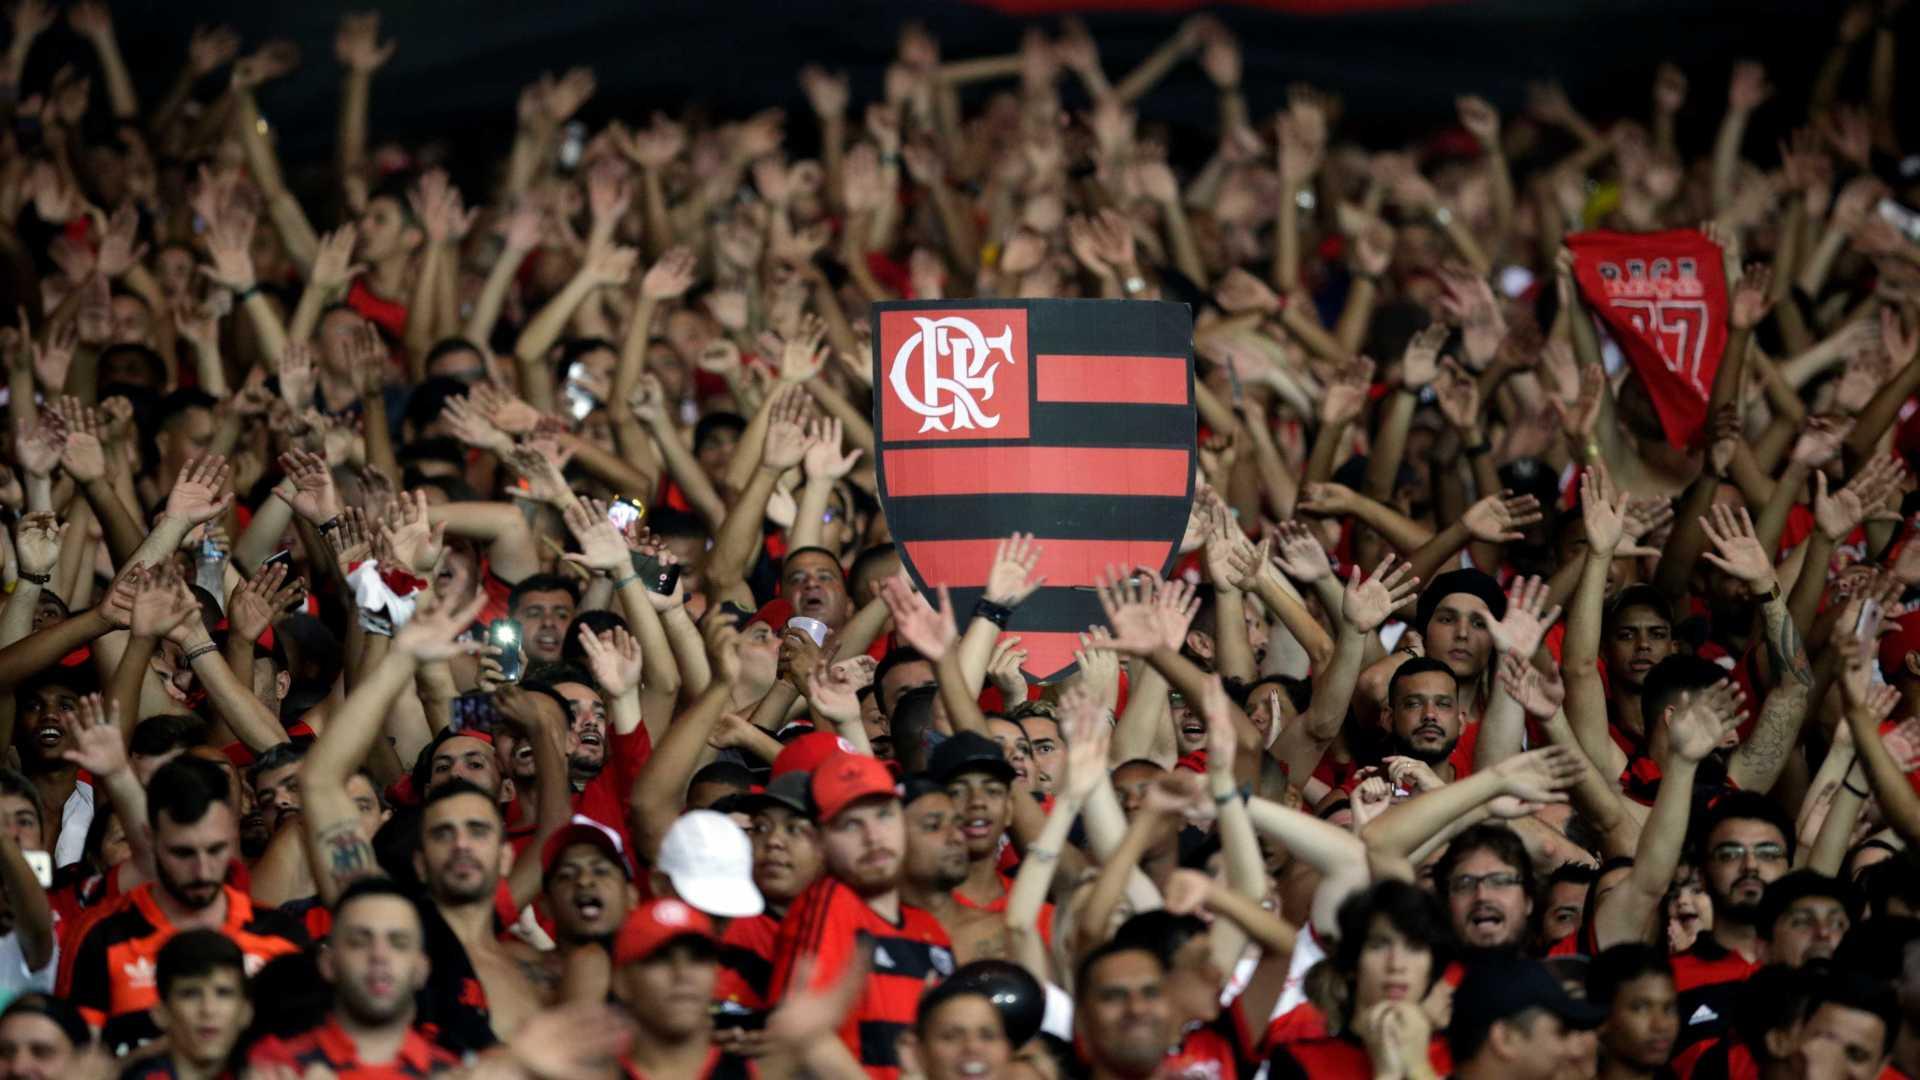 naom 5a6c8a75bdf57 - Flamengo homologa chapas e mantém restrição ao candidato do presidente